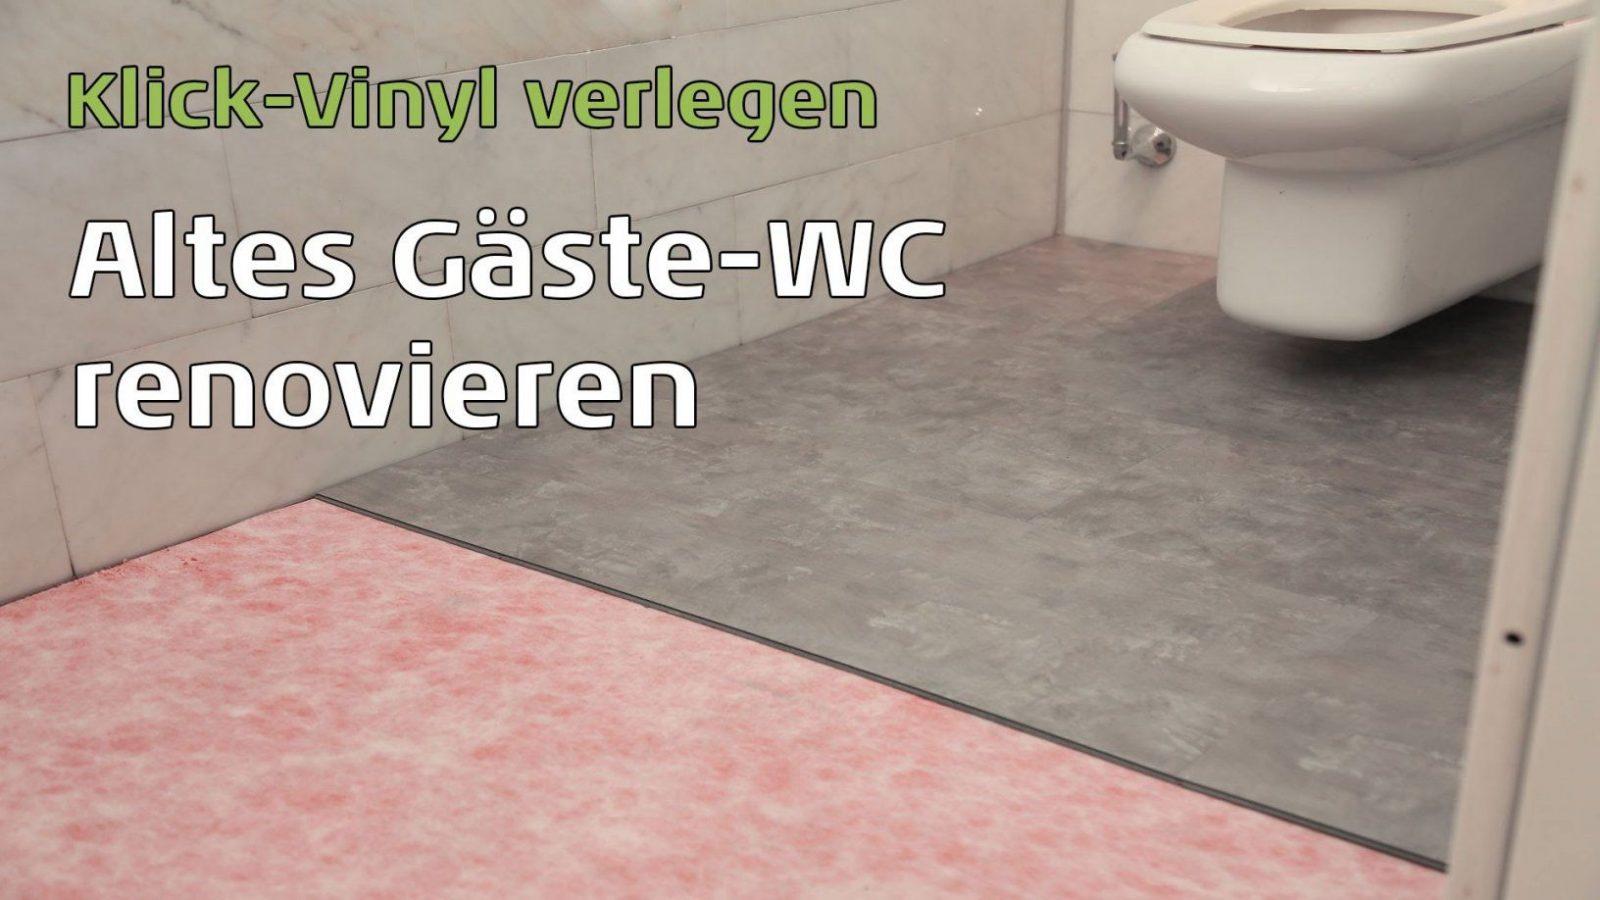 Wc Renovierung Mit Klick Vinyl  Youtube von Vinylboden Im Bad Verlegen Bild